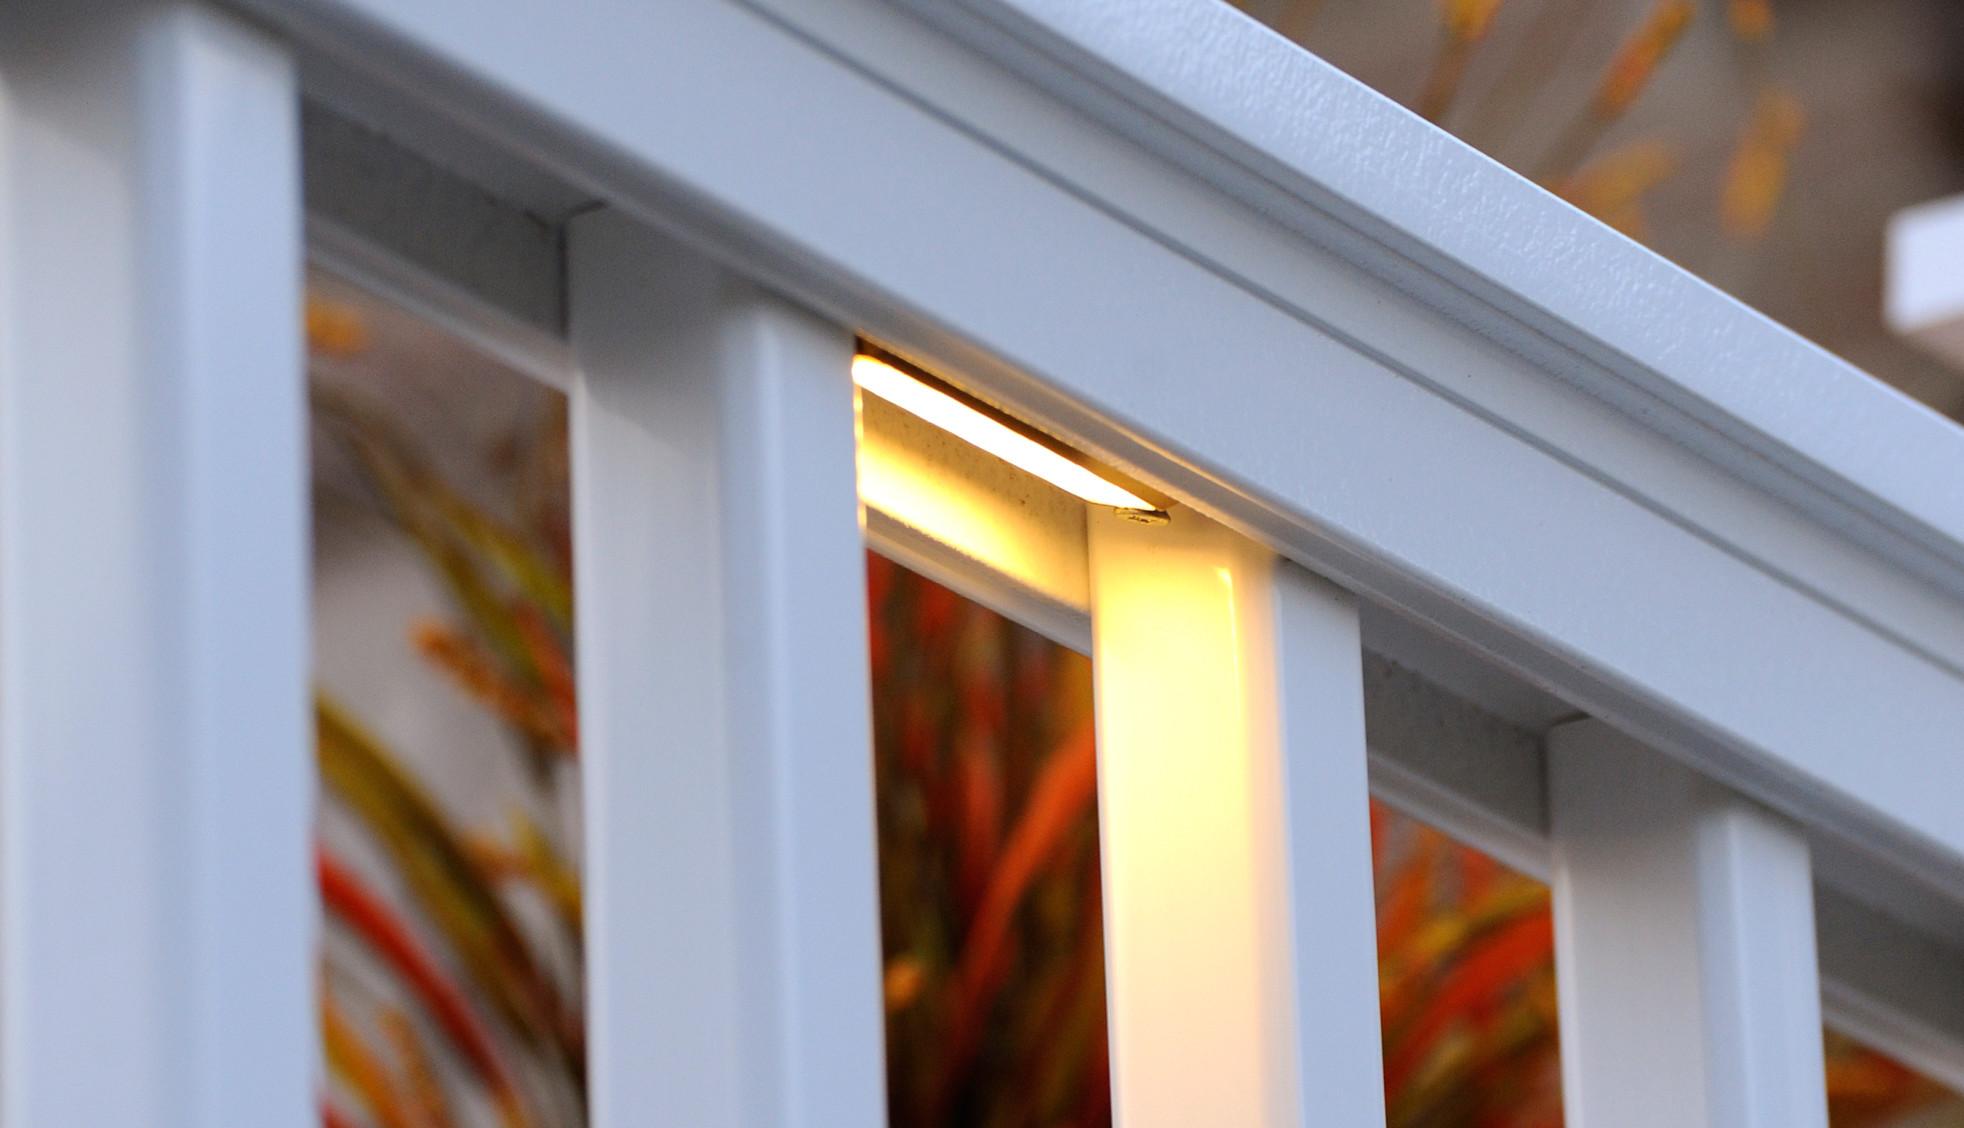 TimberTech Deck Under-Rail Lights - View 1